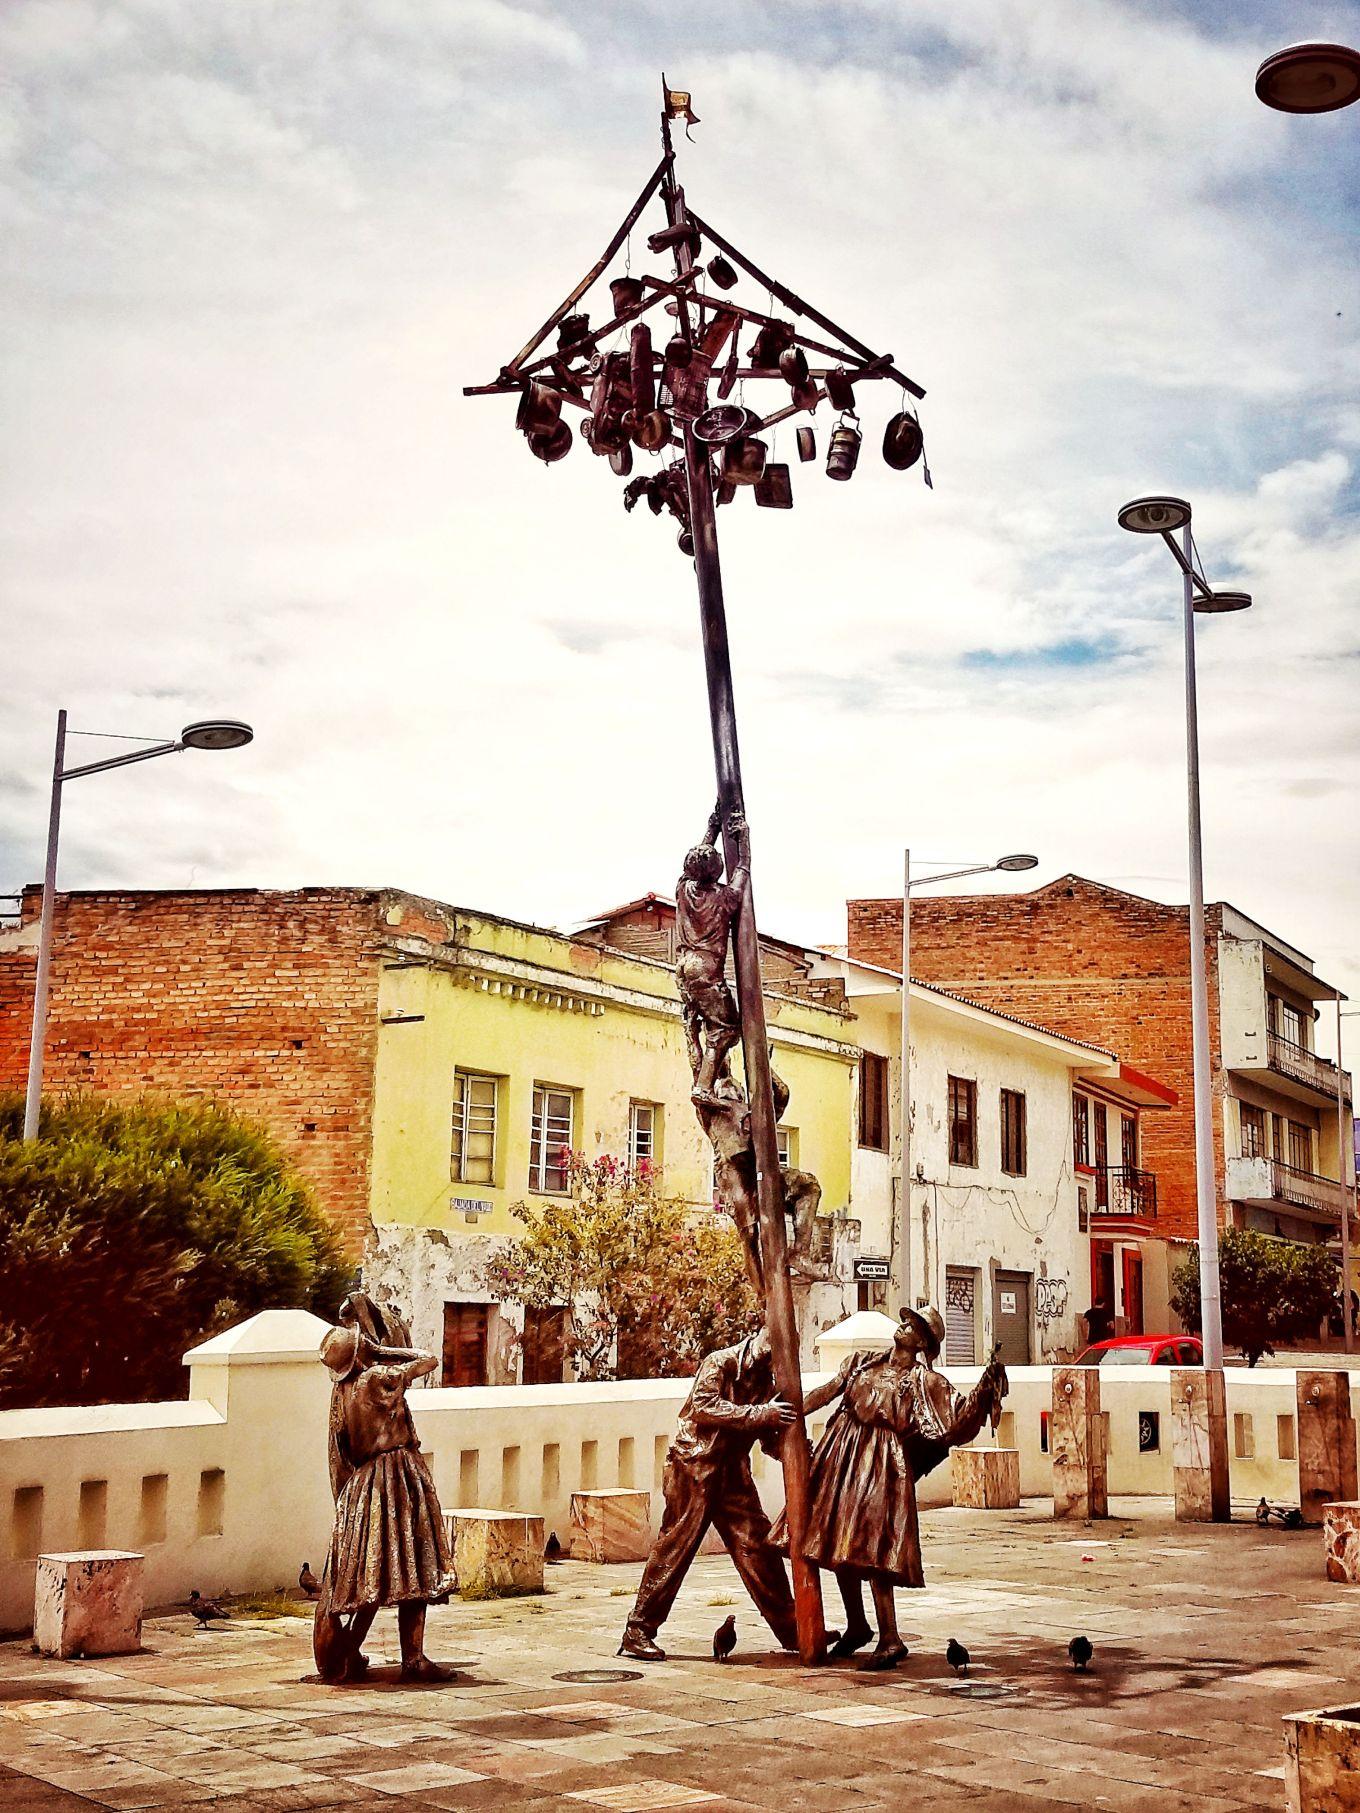 The Greasy Pole Game Sculpture, Plazoleta del Vado, Cuenca, Ecuador